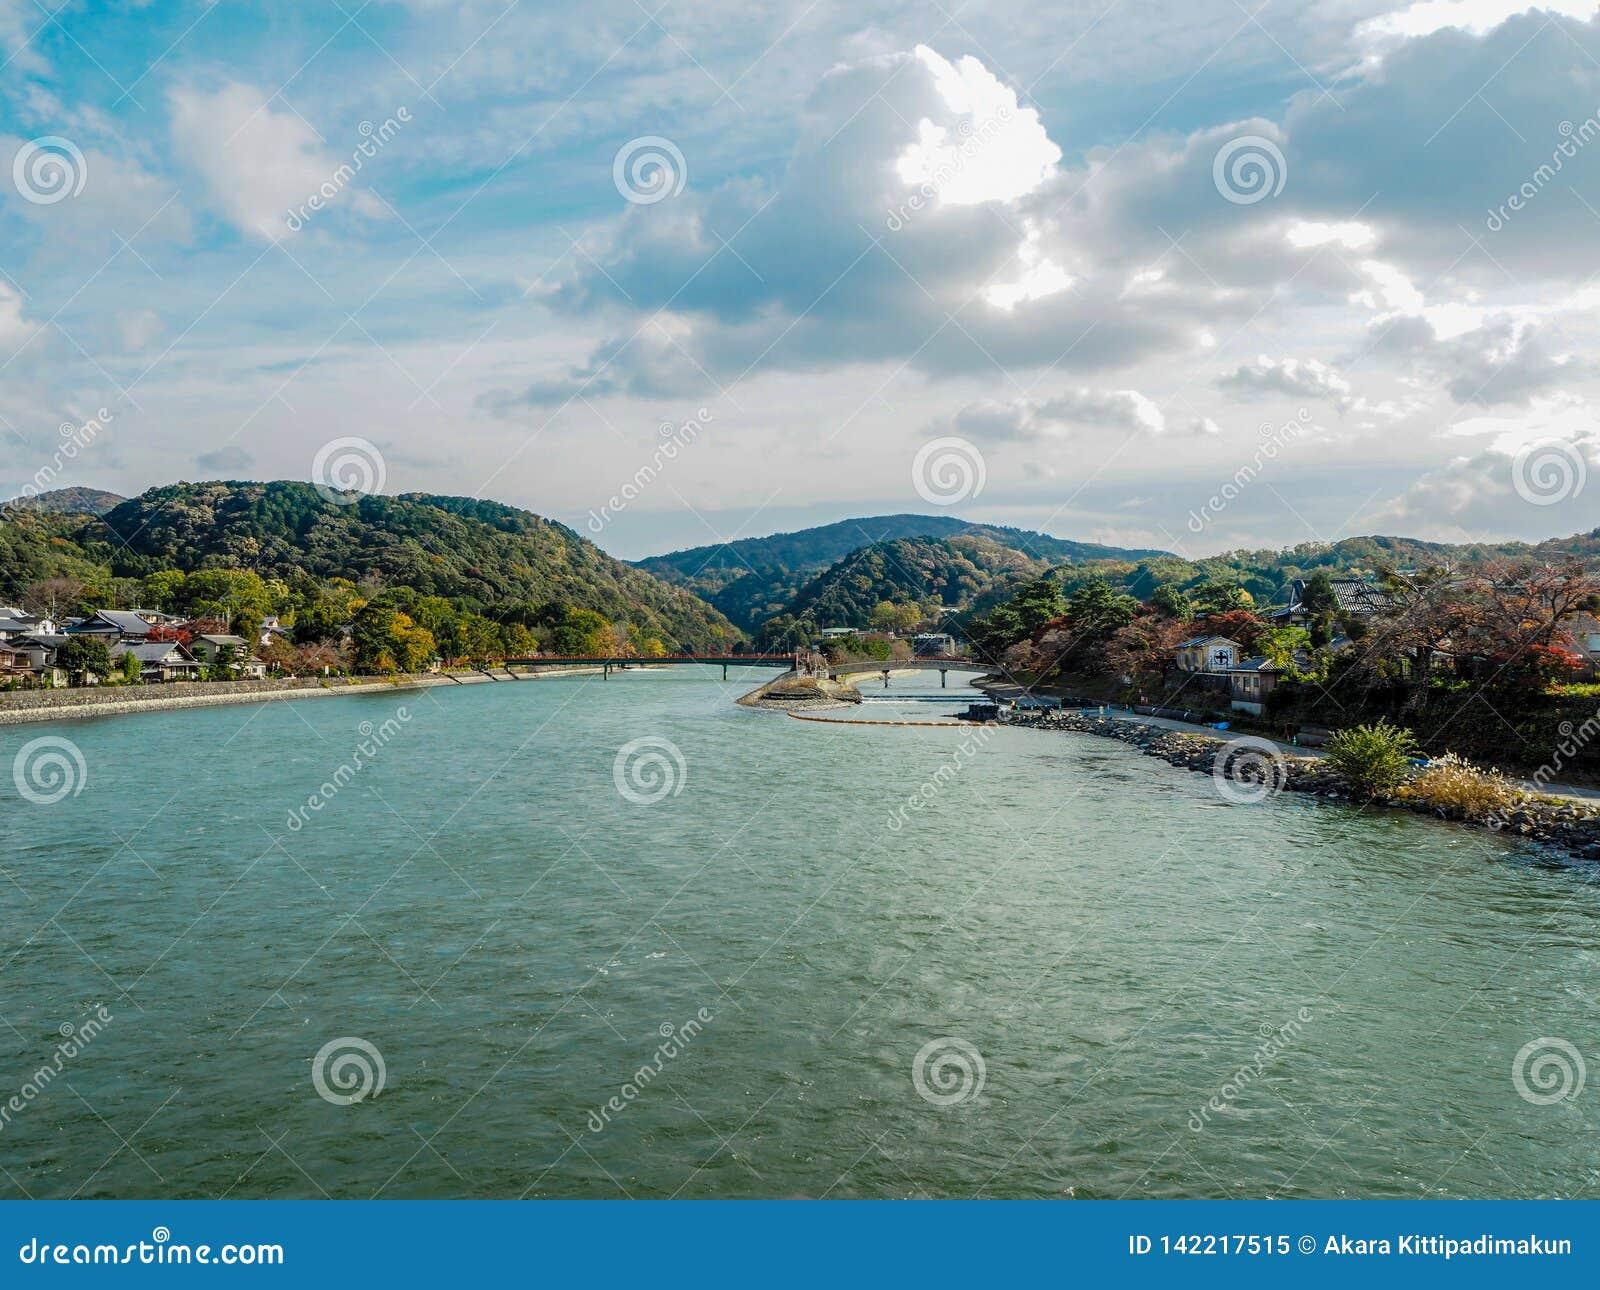 El río en el medio de una pequeña ciudad con las montañas y el fondo del cielo nublado